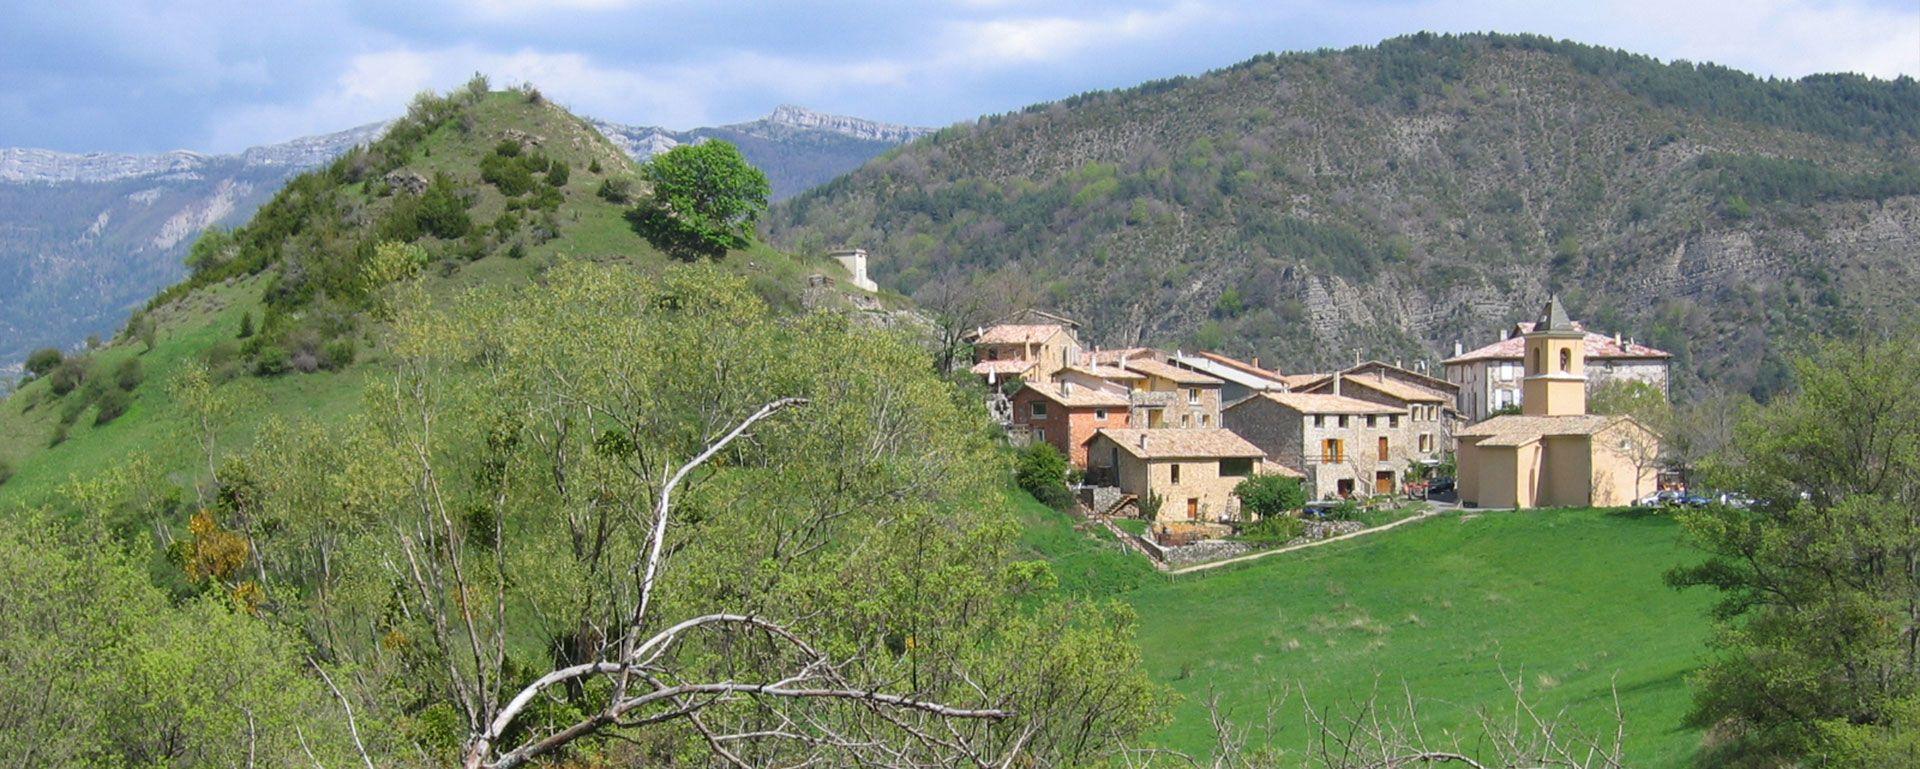 Entrages Département des Alpes de Haute-Provence France